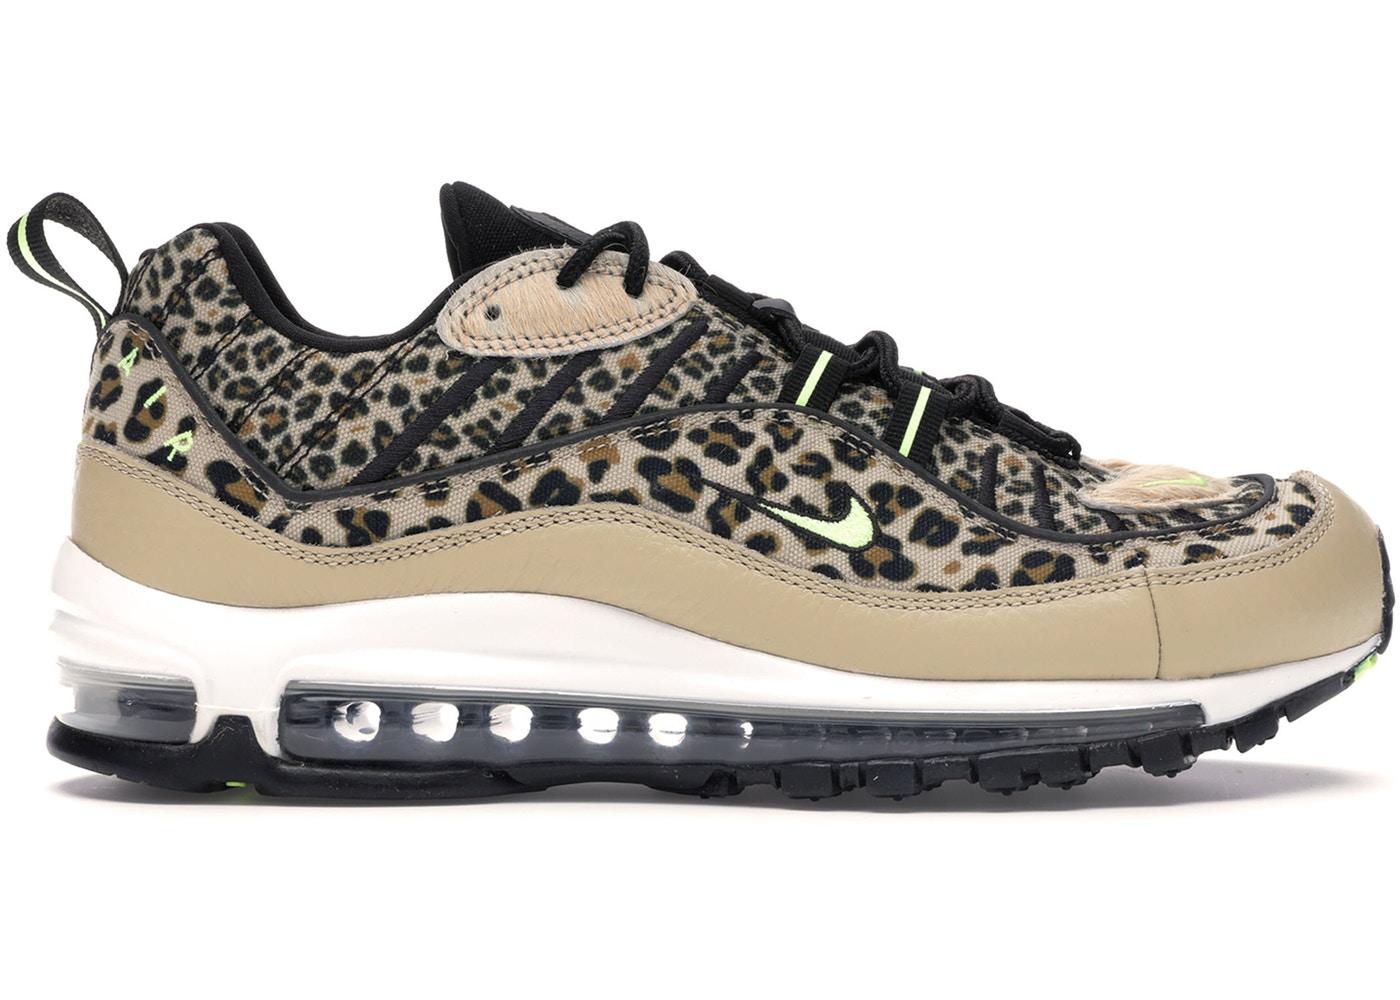 レディース靴, スニーカー  NIKE AIR MAX 98 ANIMAL PACK WOMENS DESERT ORE VOLT GLOWBLACKWHEATWHITE